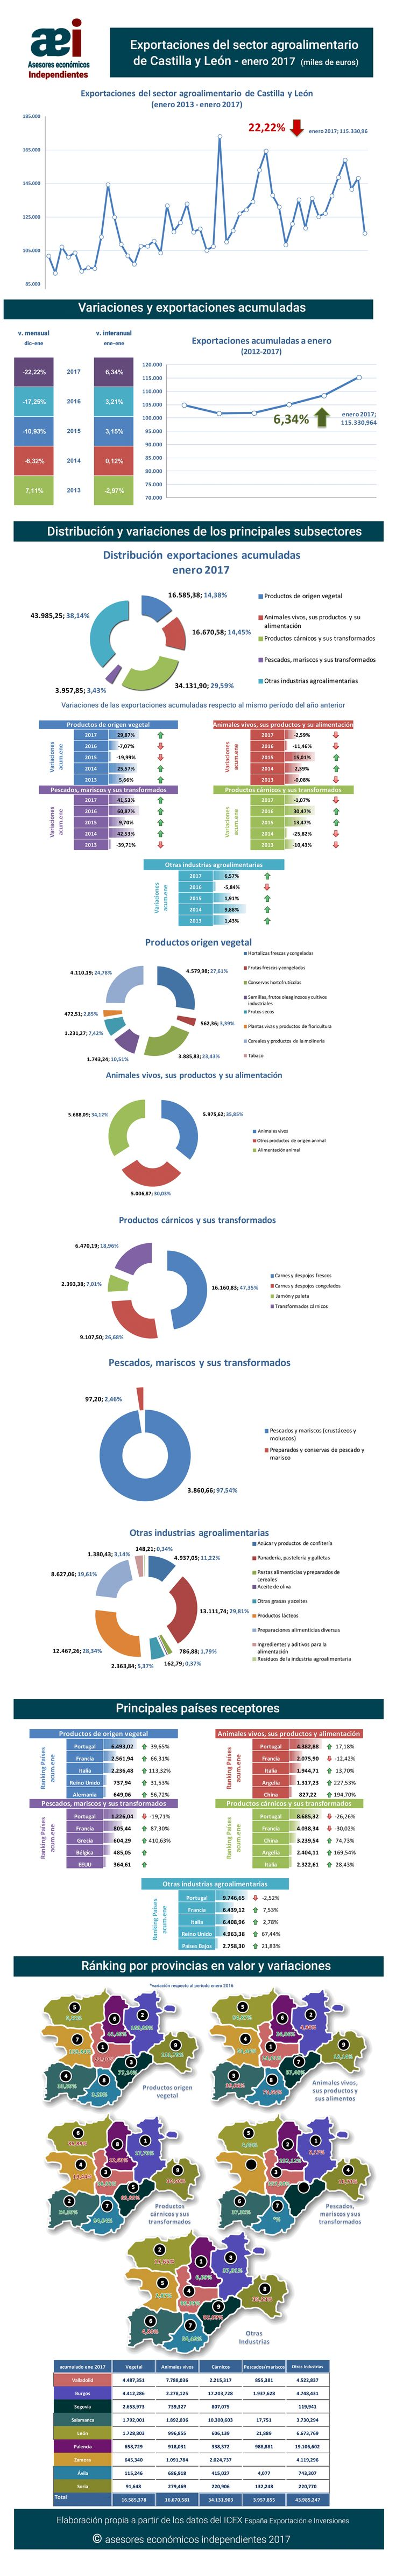 infografía de exportaciones del sector agroalimentario de Castilla y León en el mes de enero 2017 realizada por Javier Méndez Lirón para asesores económicos independientes